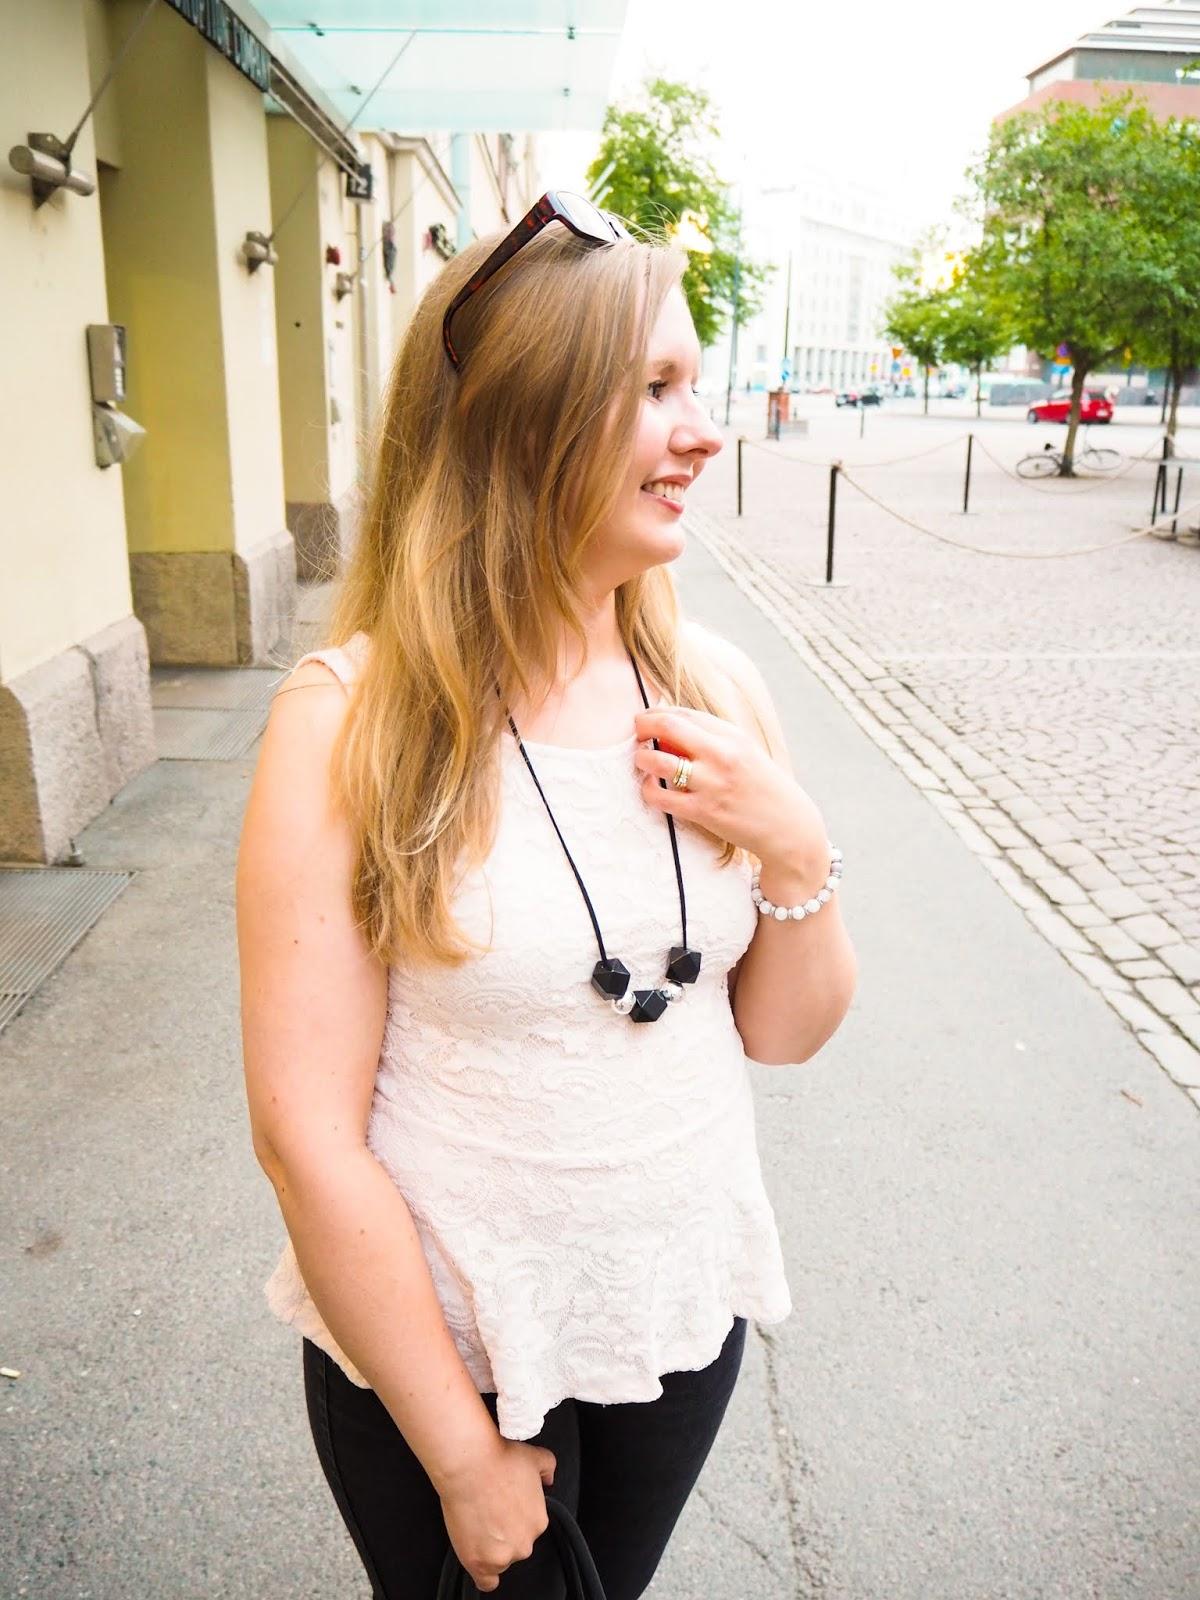 Saippuakuplia olohuoneessa blogi, kuva Mikko Poikkilehto, Hanna Poikkilehto, oma tyyli, kauneus, Lifestyle, my style, street style, outfit, Liu Jo, Helsinki, MioSa, Desig